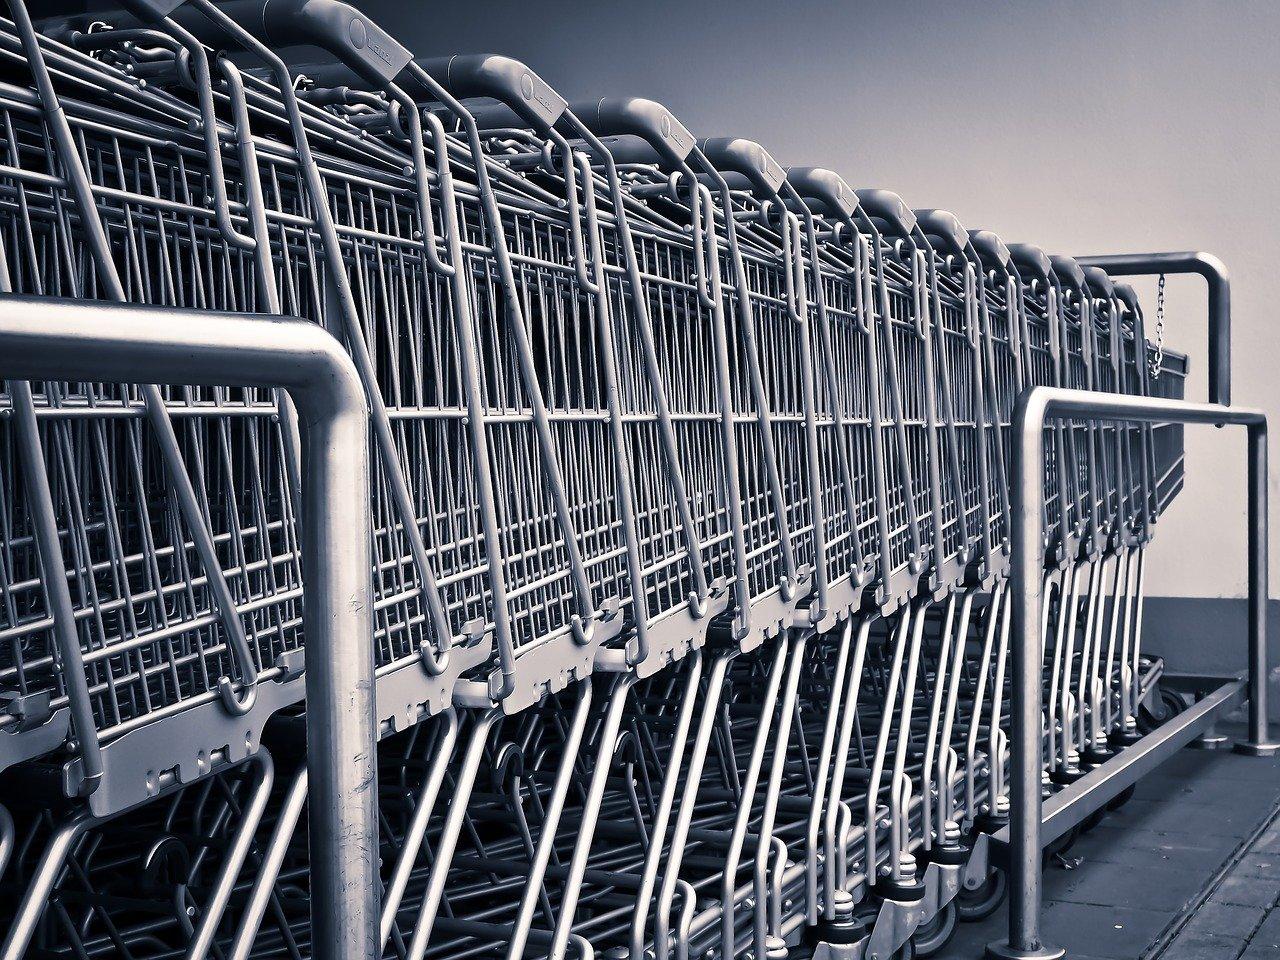 Consommation : le gouvernement écarte une baisse de la TVA